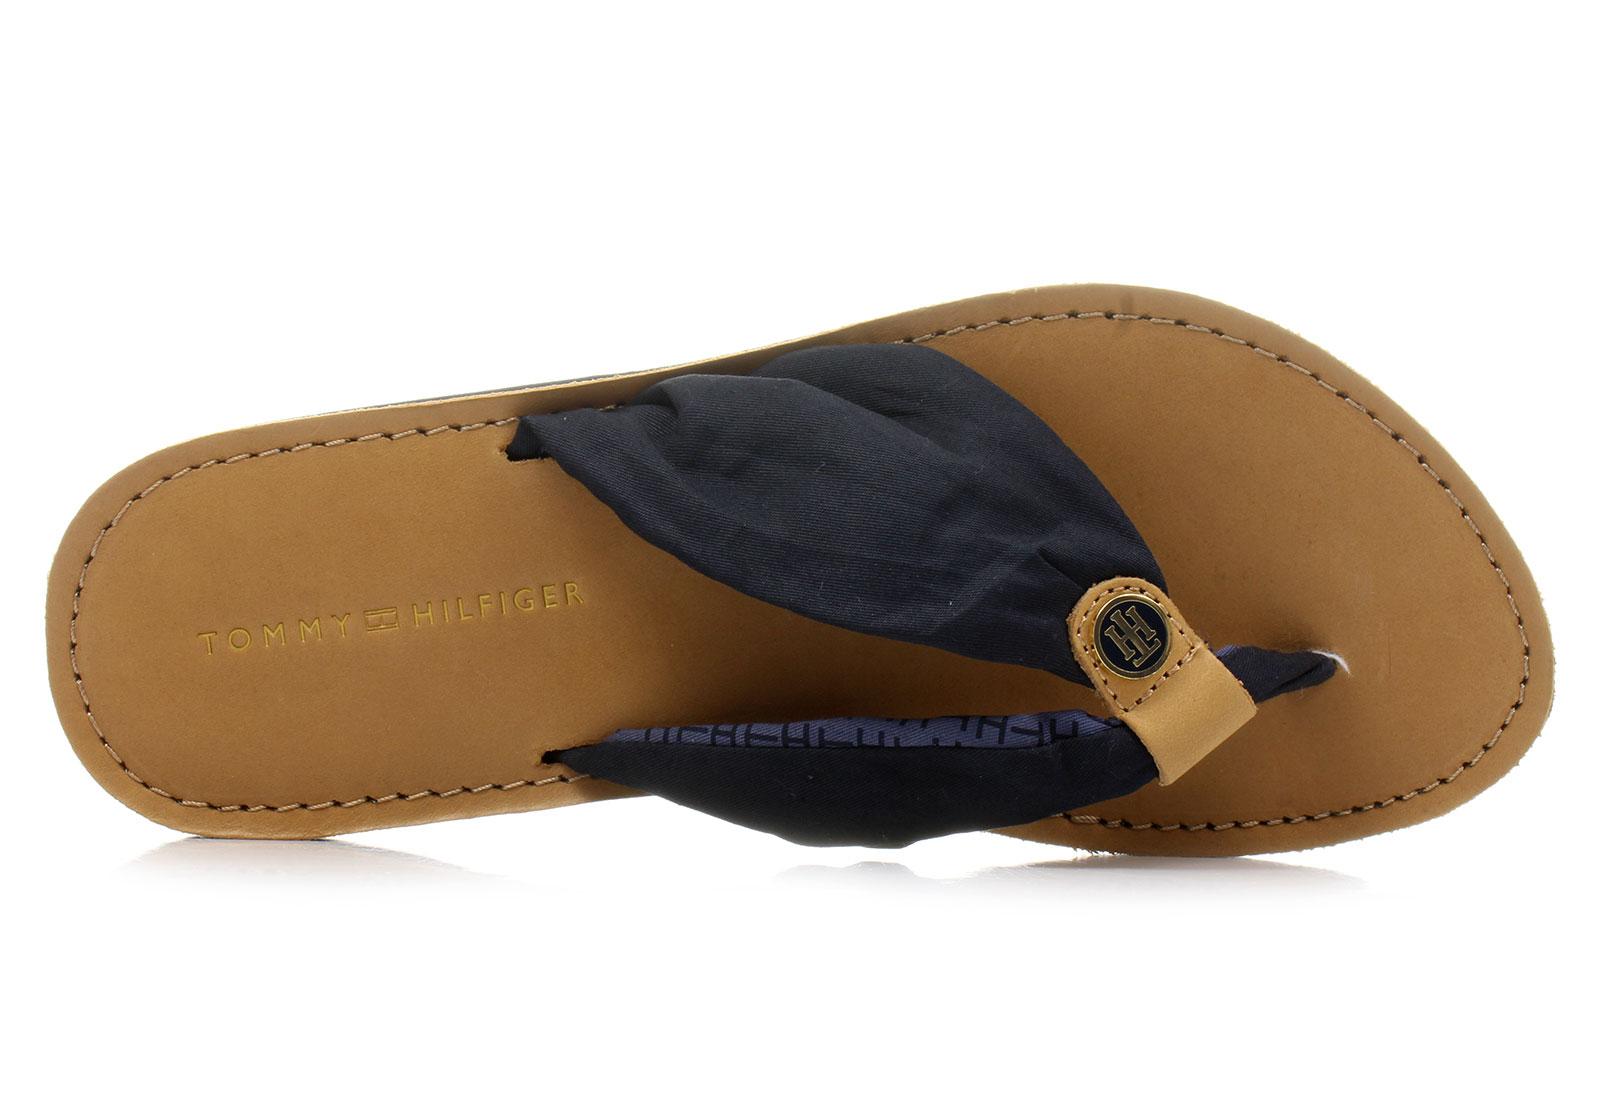 Tommy Hilfiger Papucs - Monica 14d - 16S-0724-403 - Office Shoes ... 7bafcd9d52